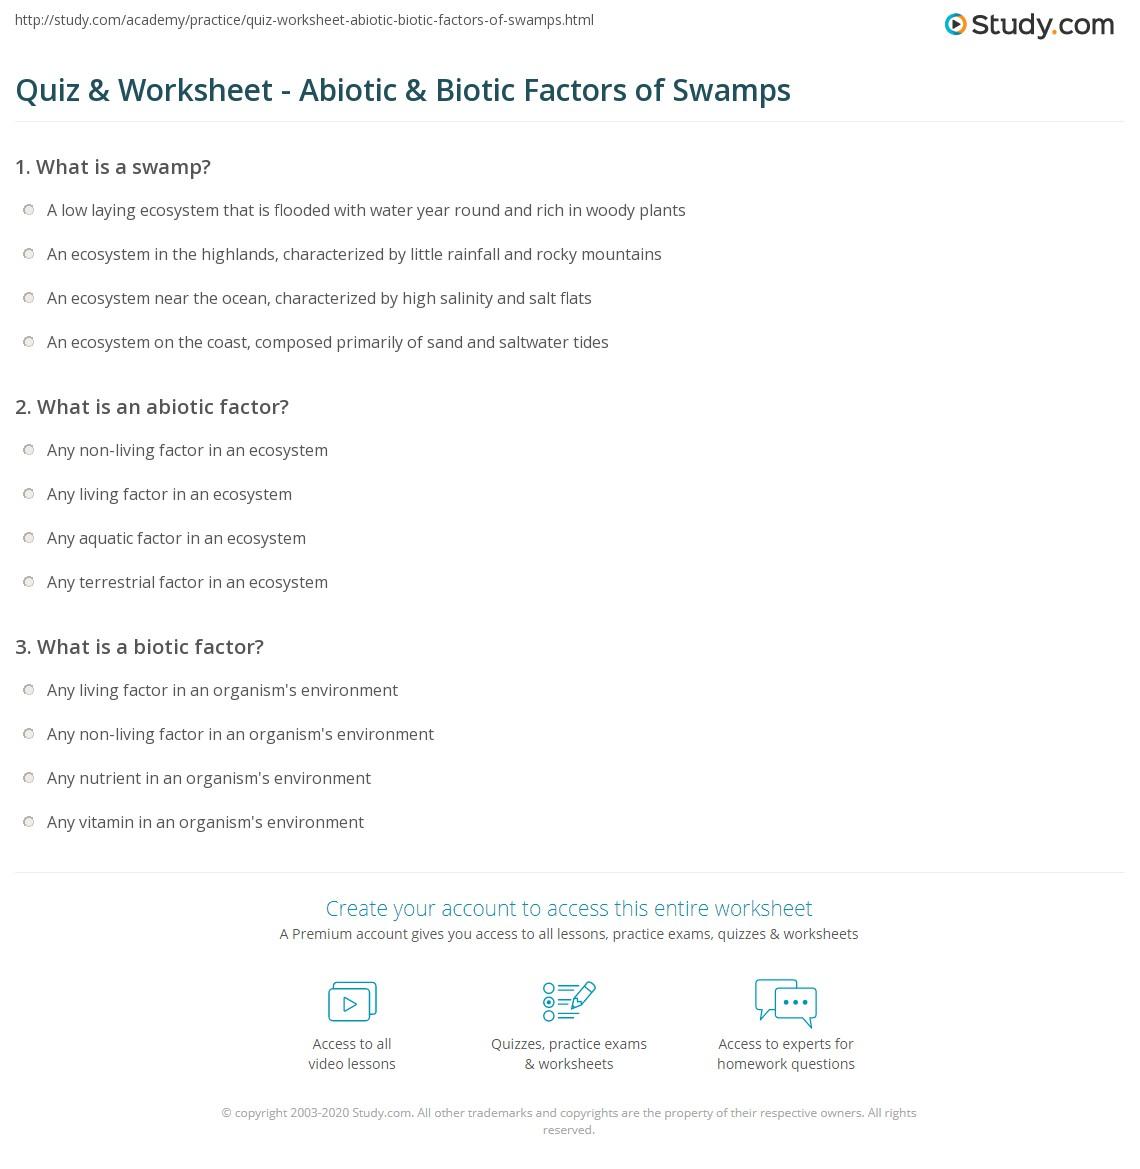 Worksheets Abiotic And Biotic Factors Worksheet quiz worksheet abiotic biotic factors of swamps study com print worksheet